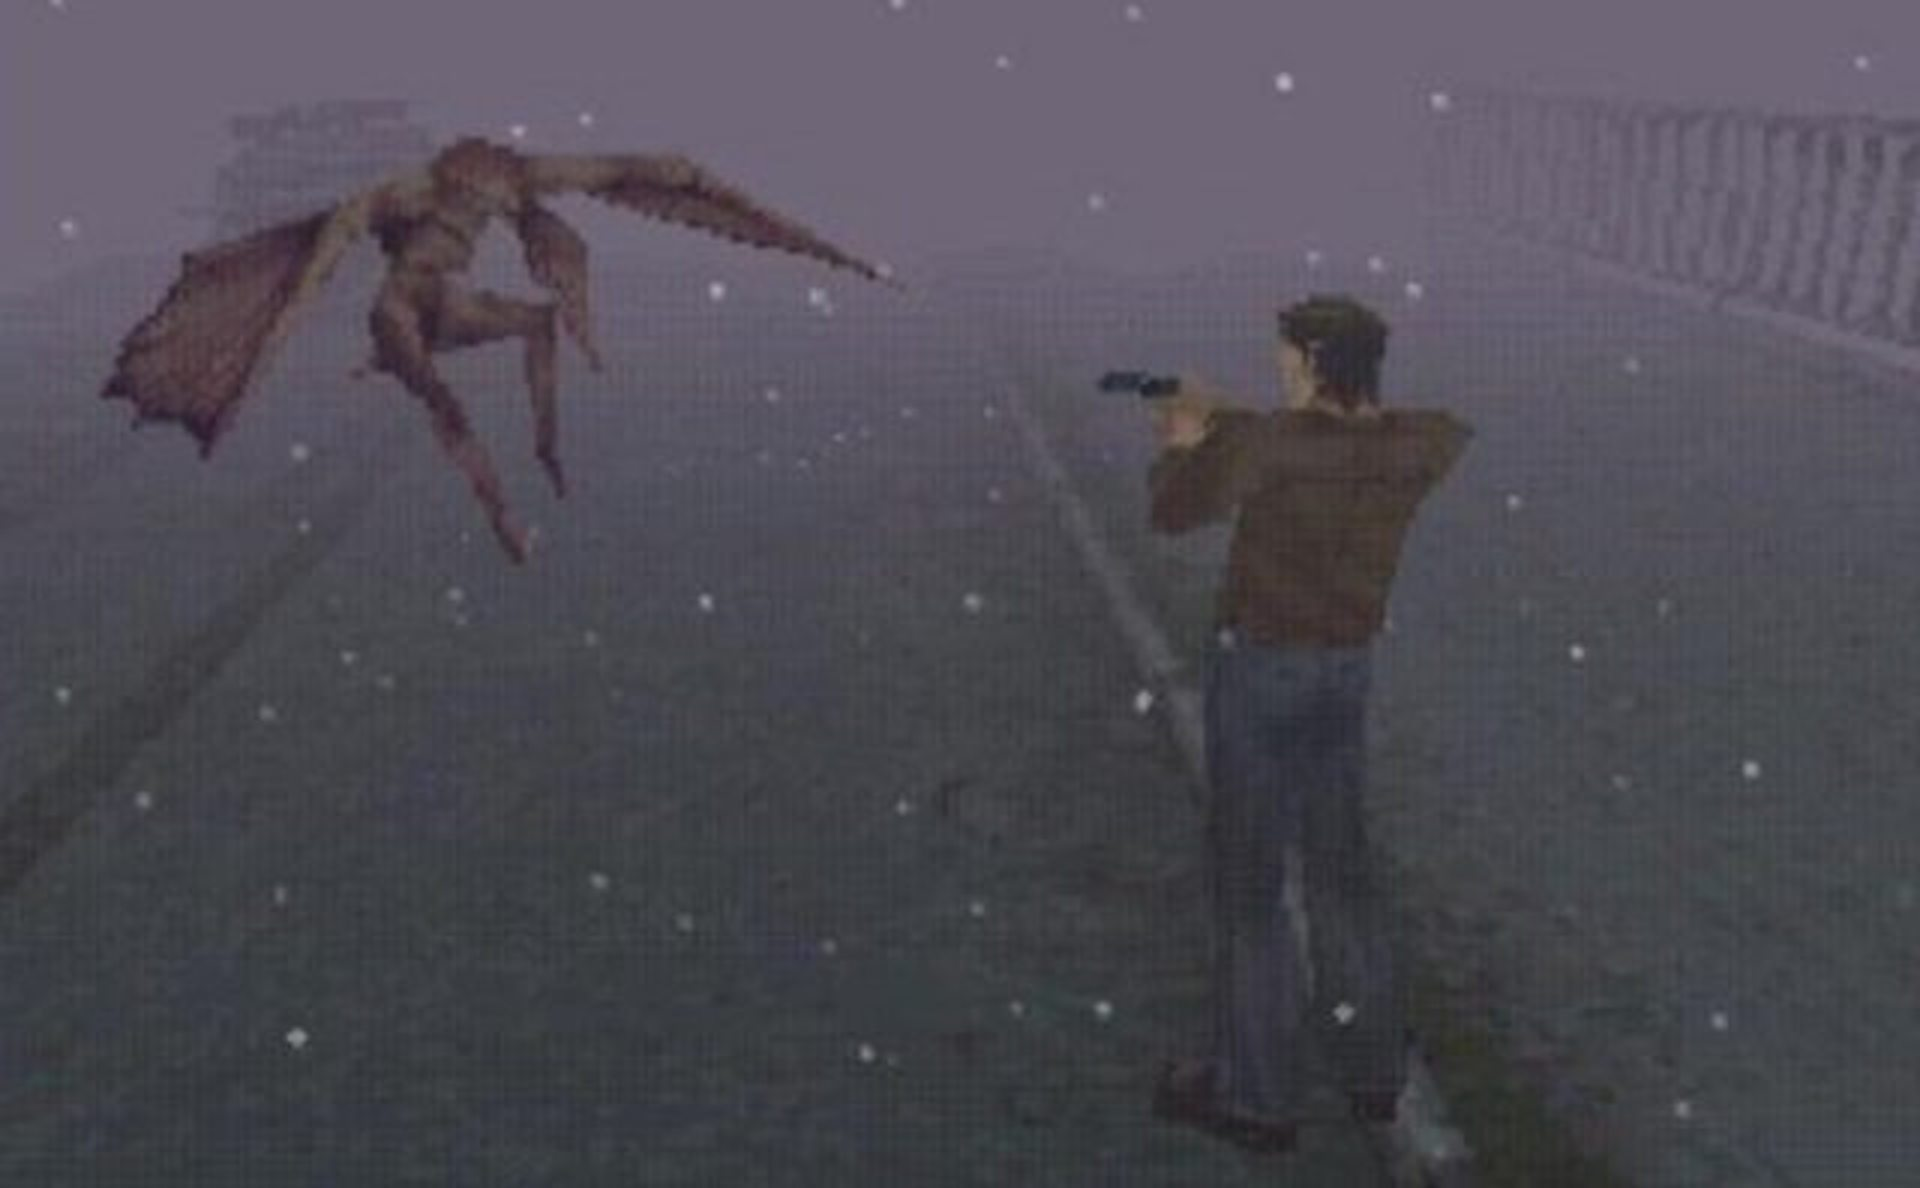 Se cumplen 20 años de Silent Hill: el juego que cambió a los zombis por el terror psicológico